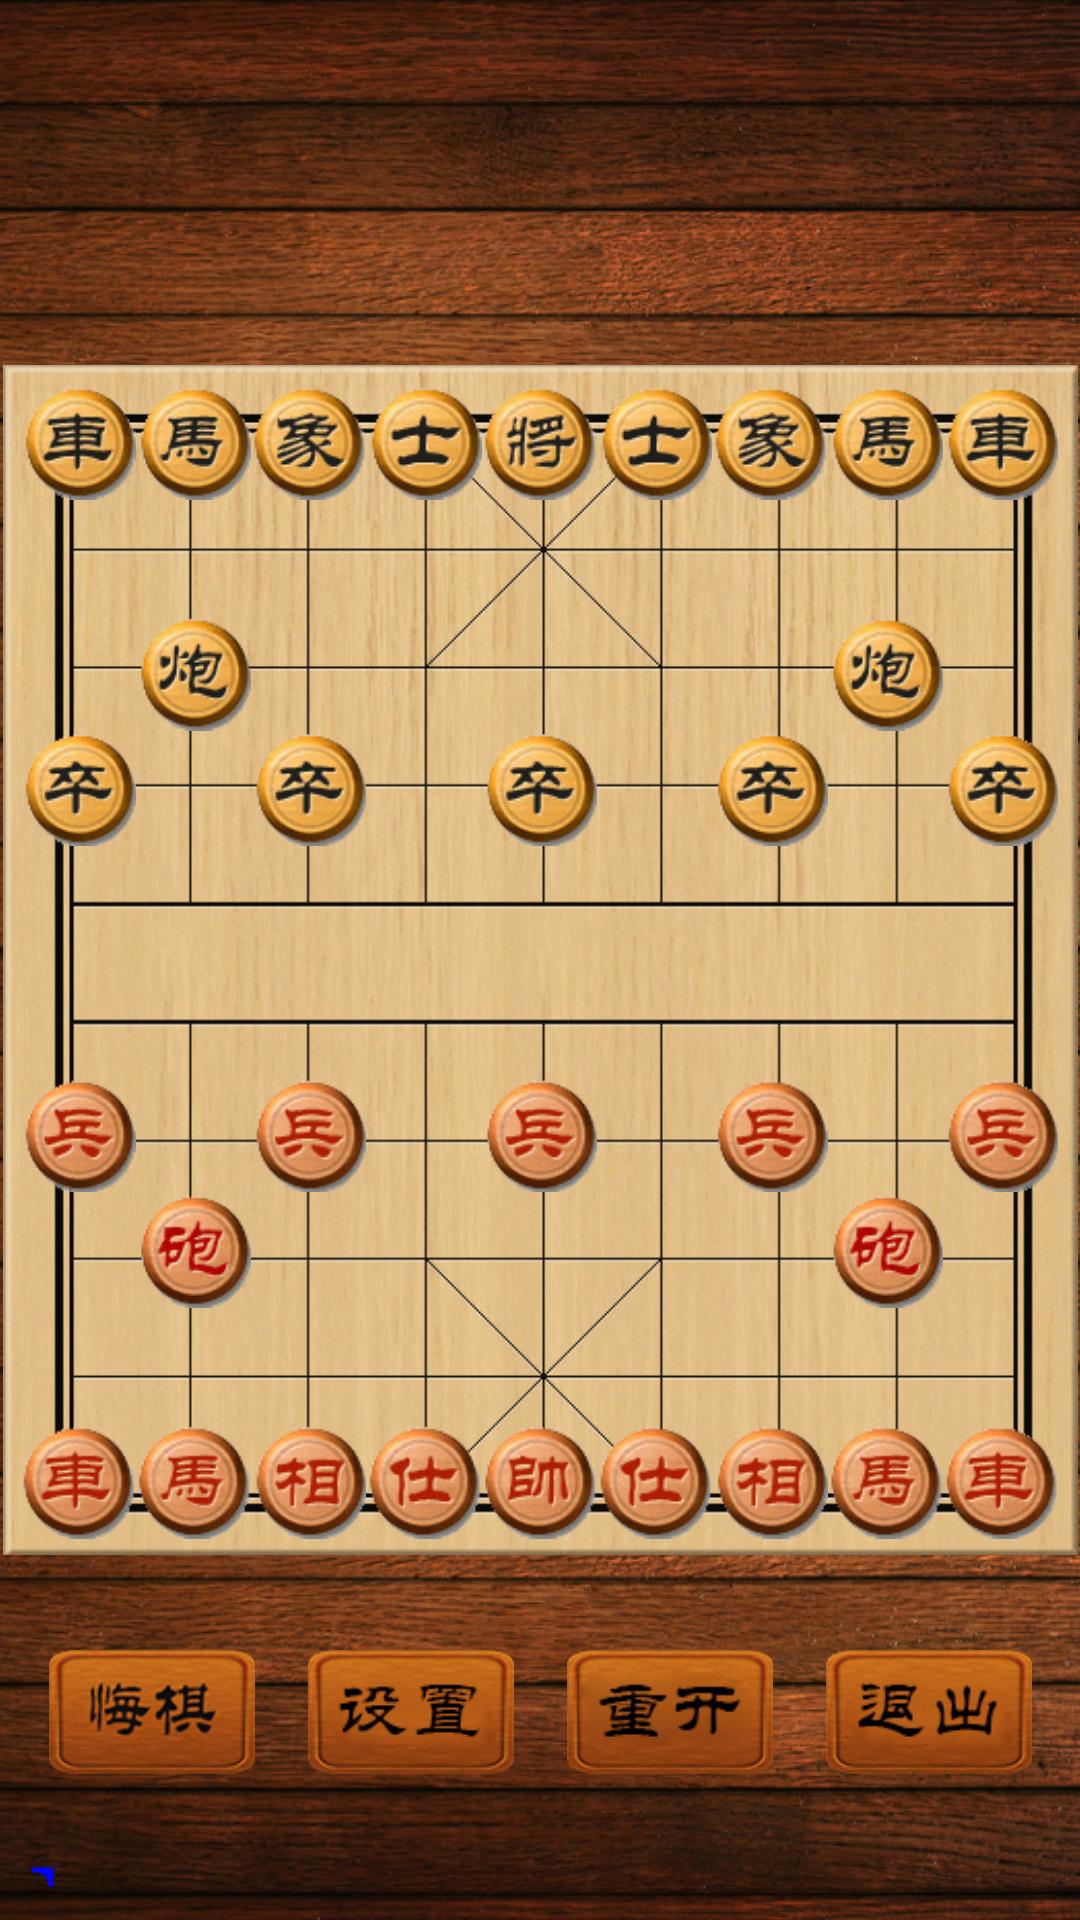 中国象棋破解版下载_中国象棋官网